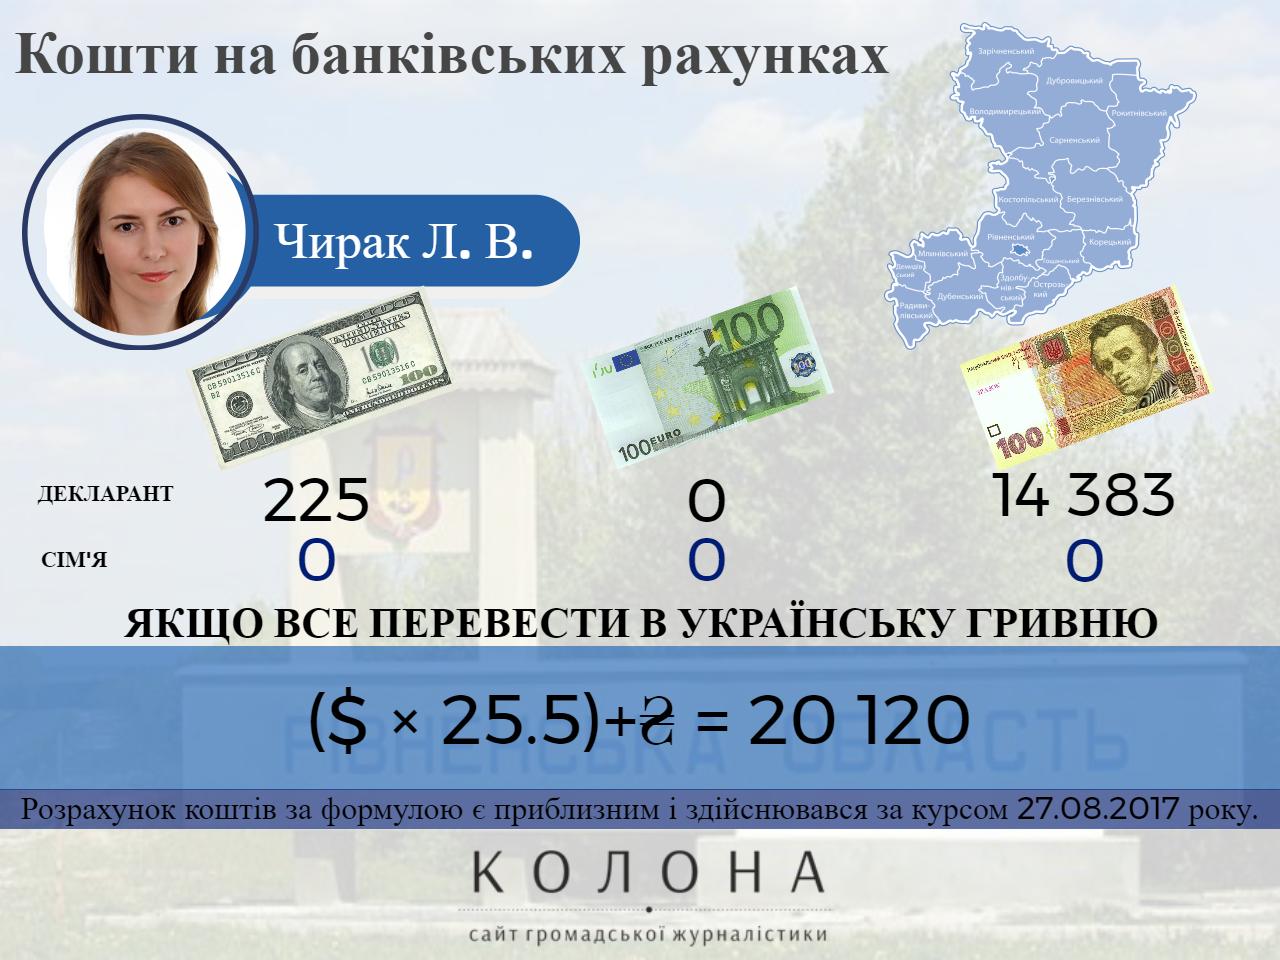 Чирак Людмила